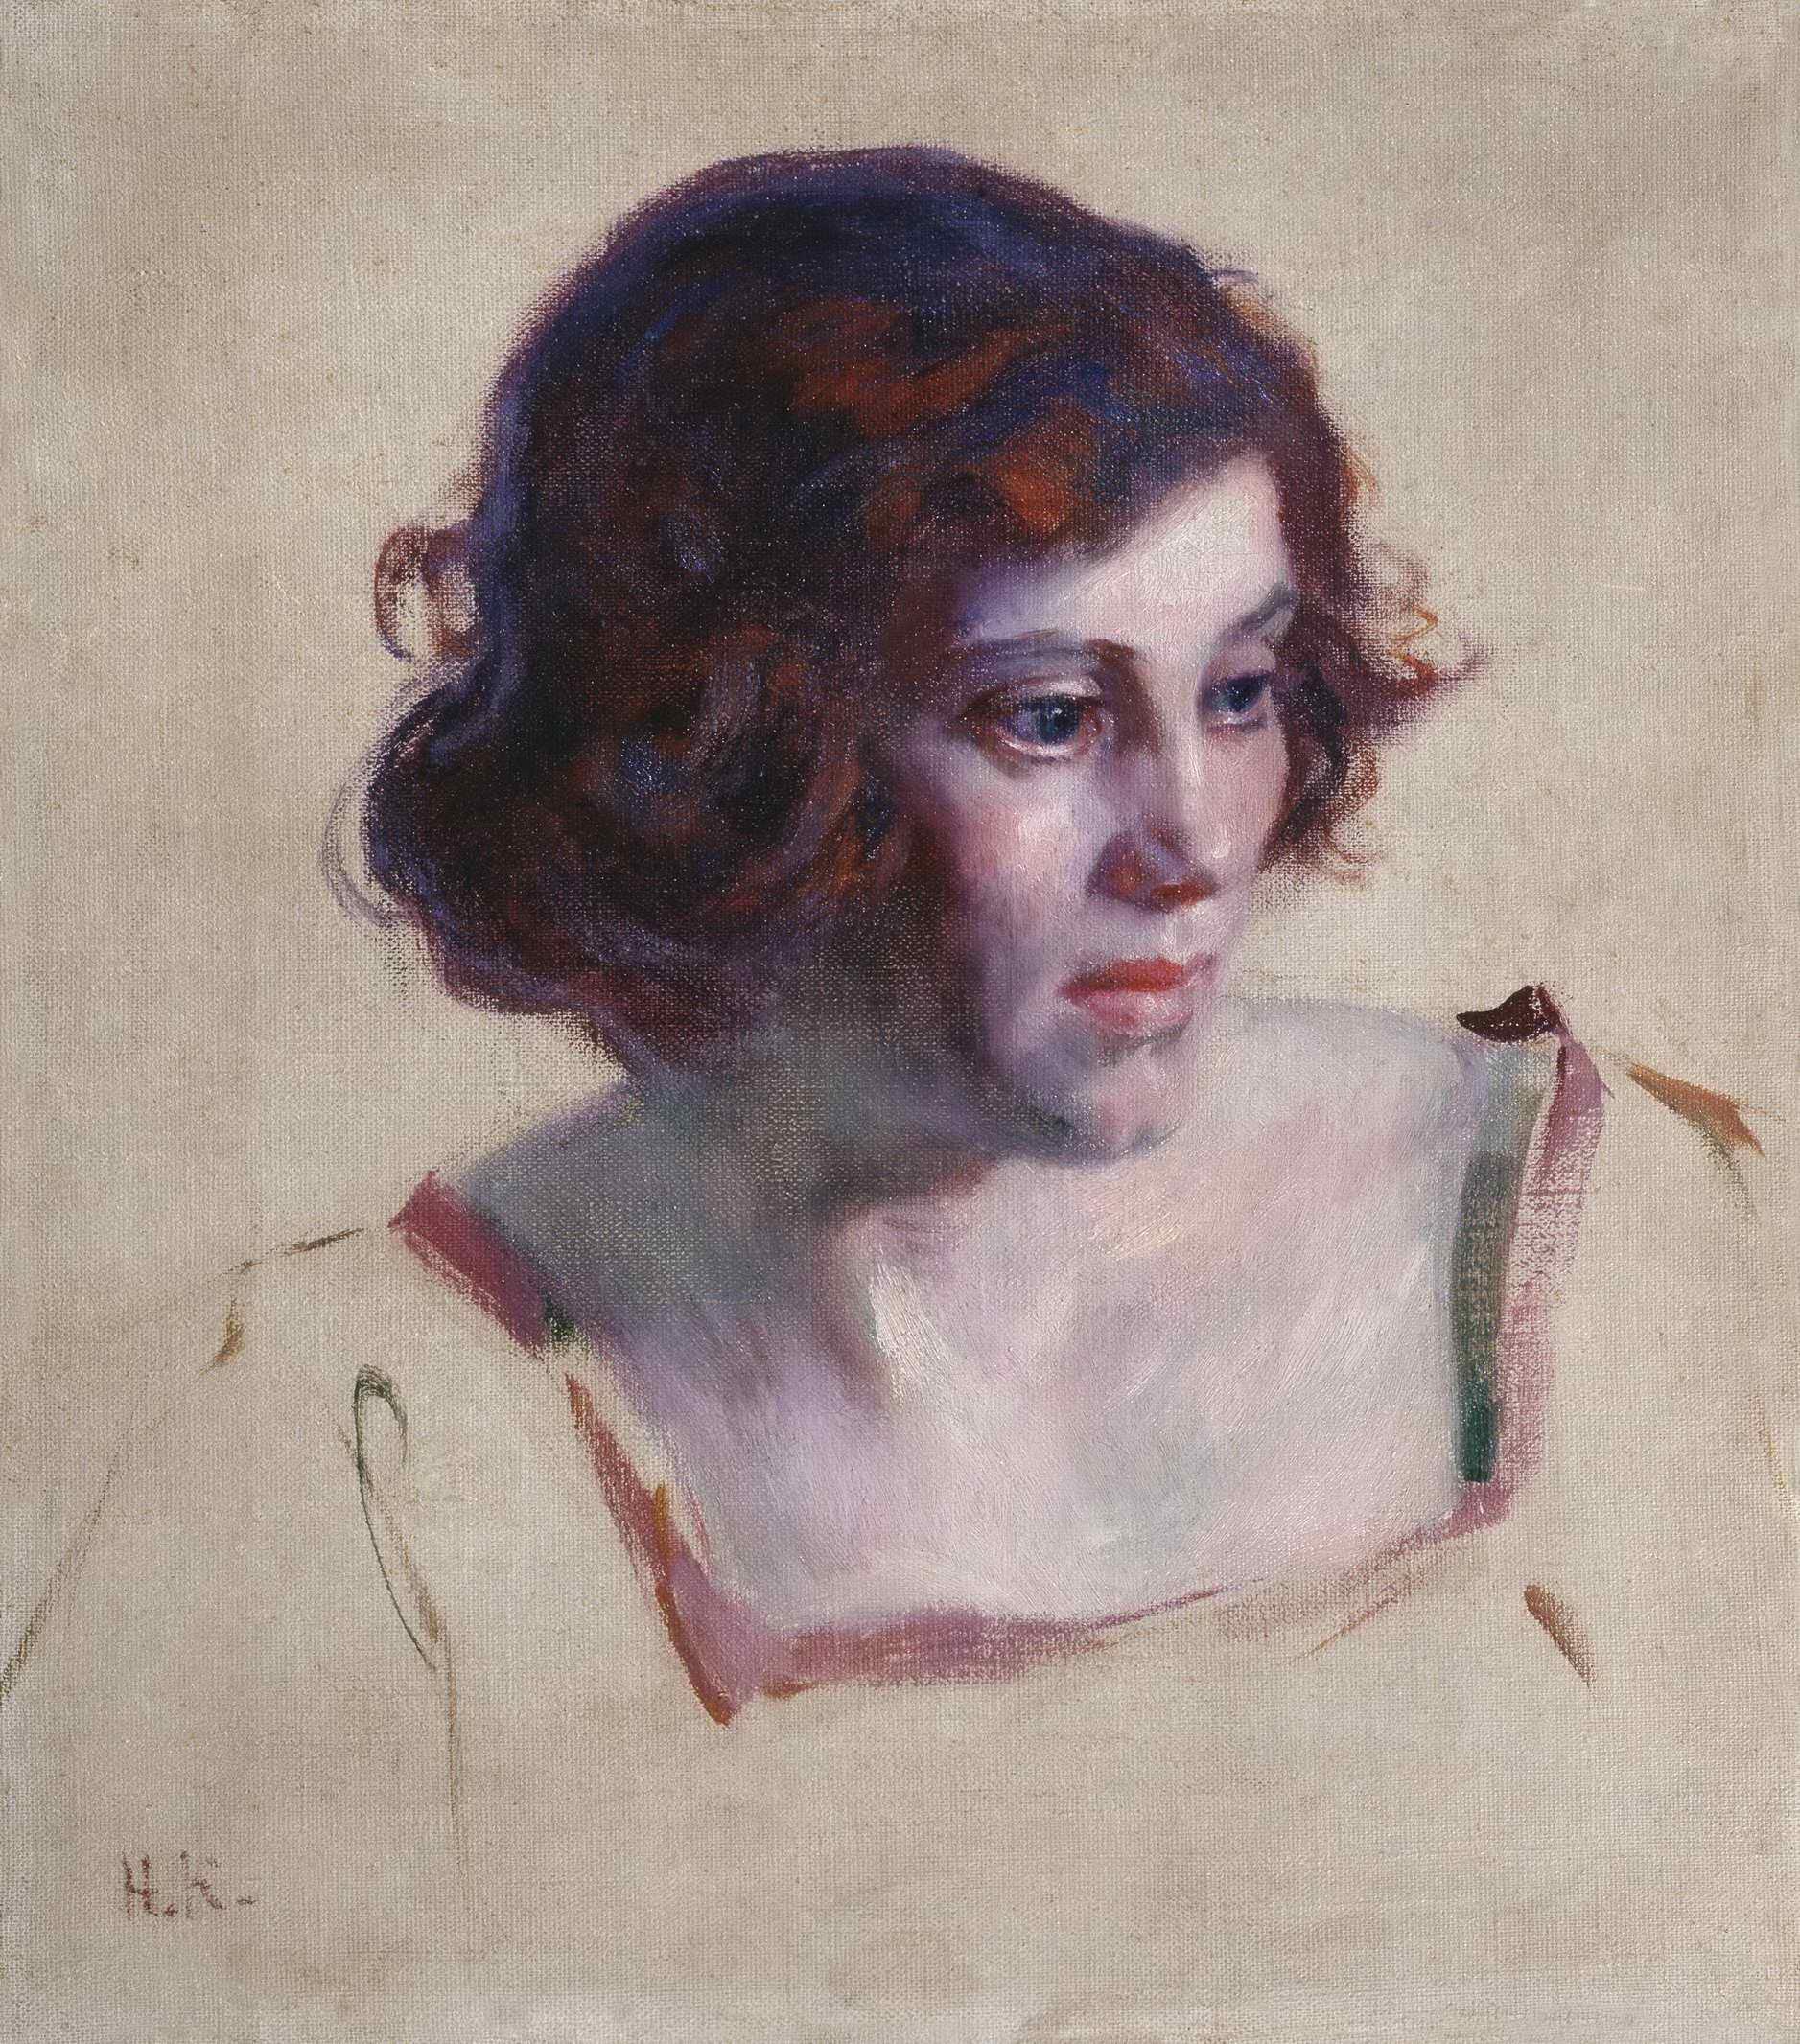 Касаткин Н.А. - Портрет девушки